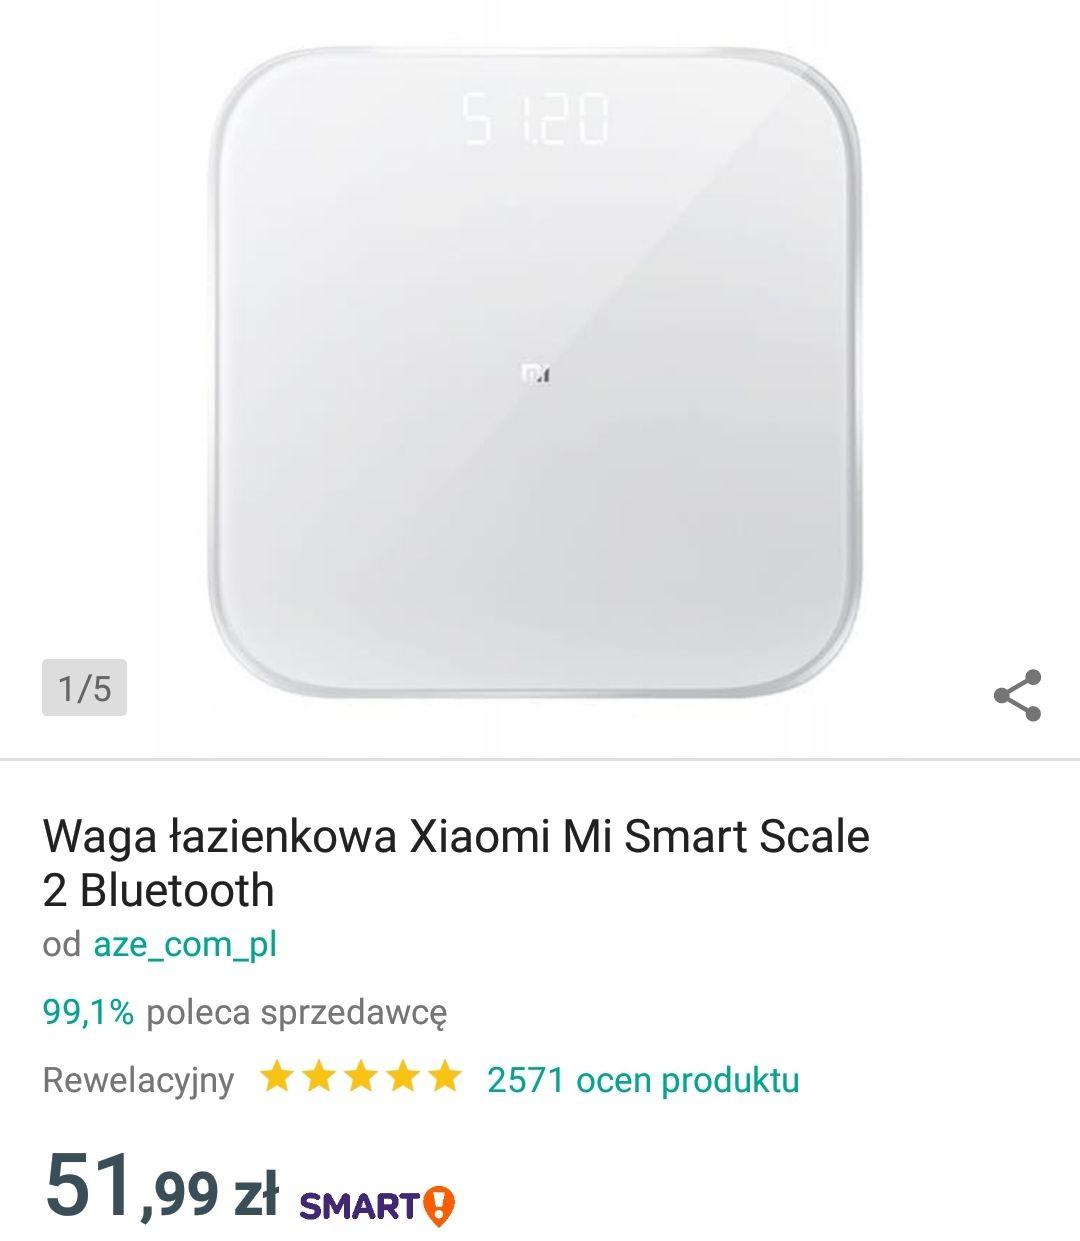 Waga łazienkowa Mi Smart Scale 2 - Xiaomi